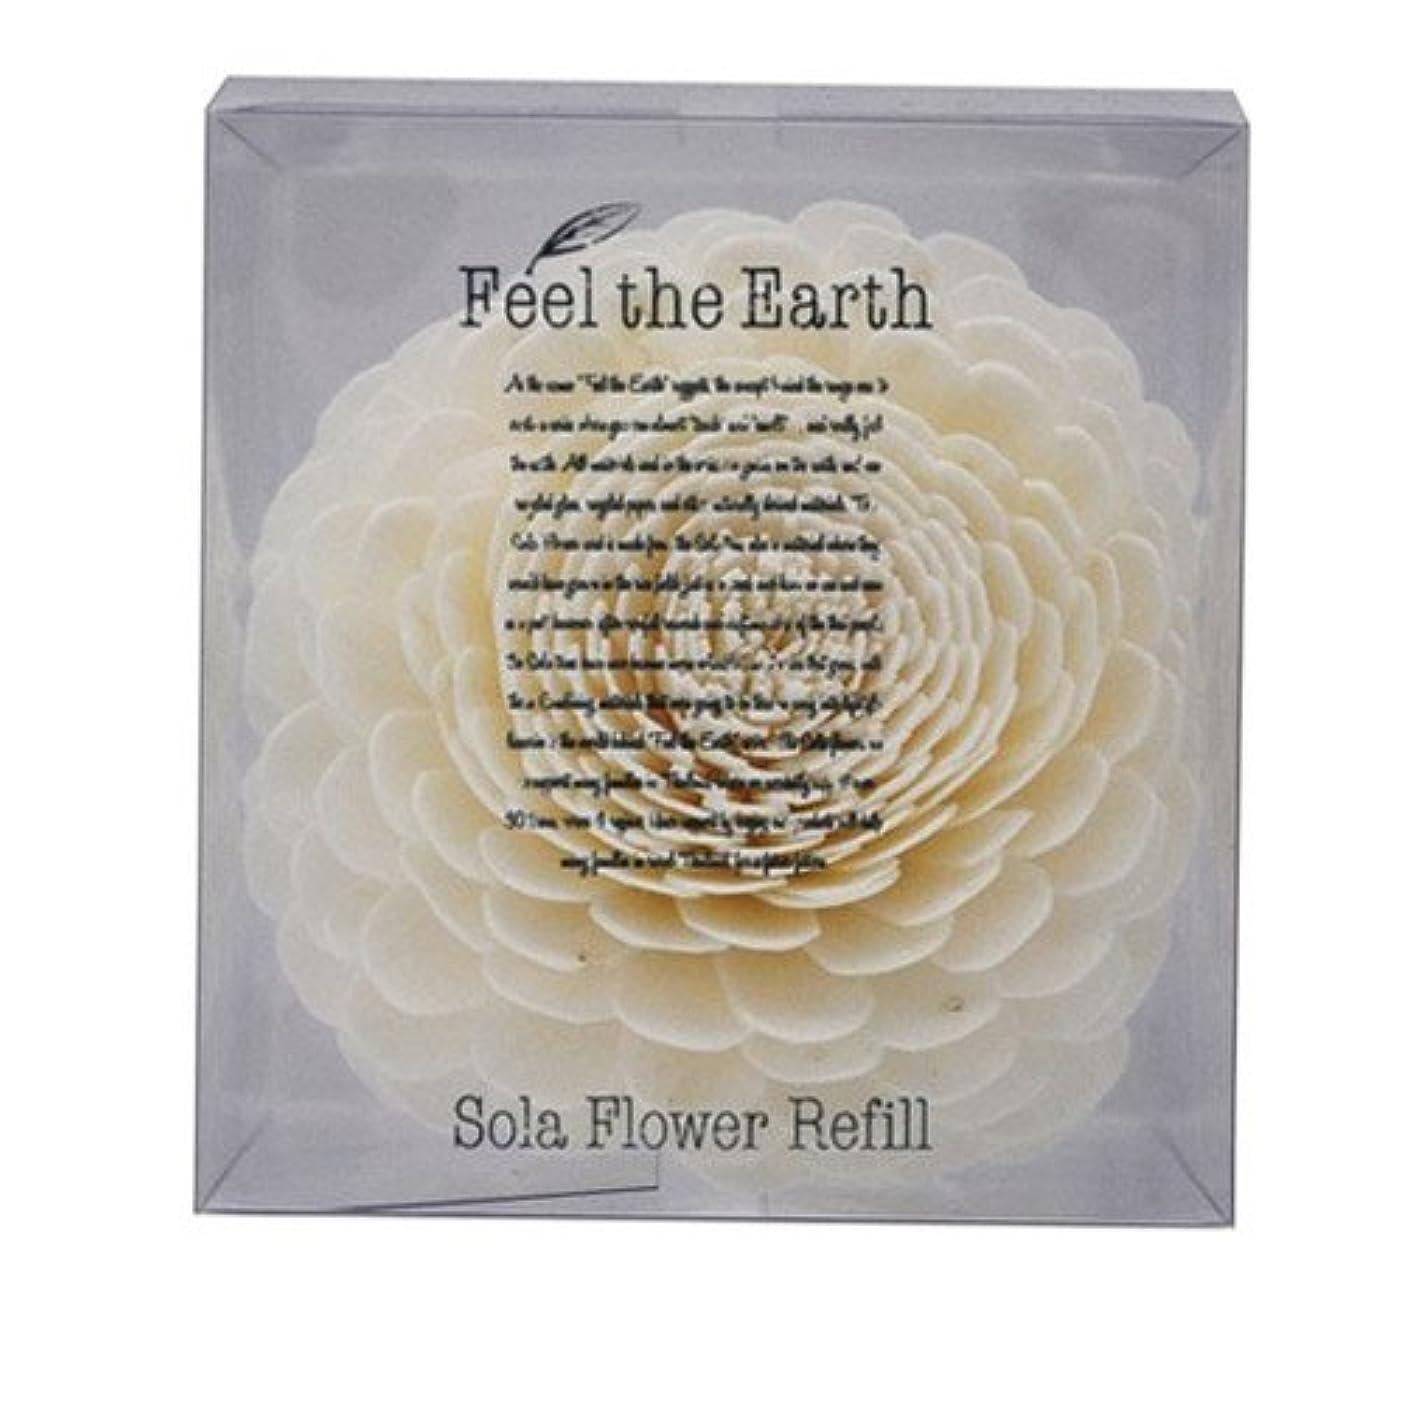 尊敬するリングシンジケートFEEL THE EARTH ソラフラワー リフィル ダリア DAHLIA フィール ジ アース